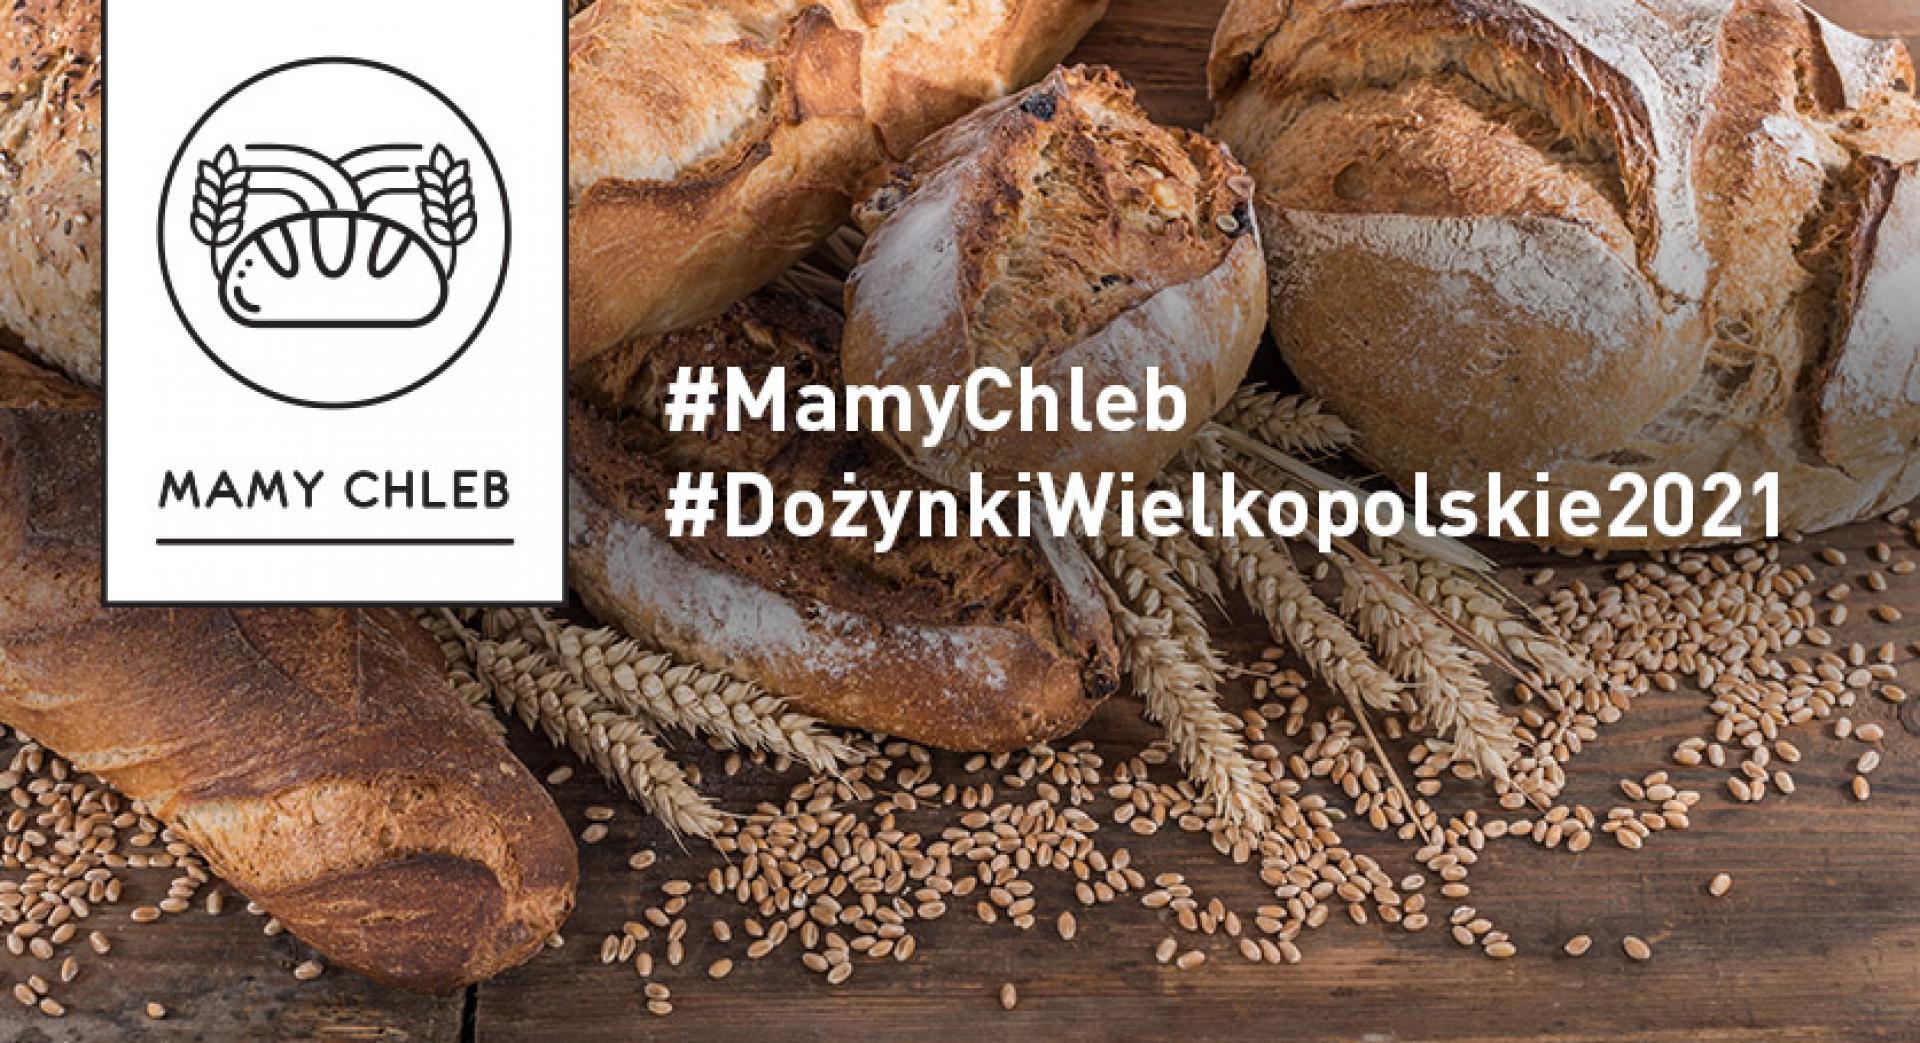 #MamyChleb – trwają nasze Dożynki Wielkopolskie 2021 online. Teraz czas na dożynkowe dekoracje - zobacz więcej